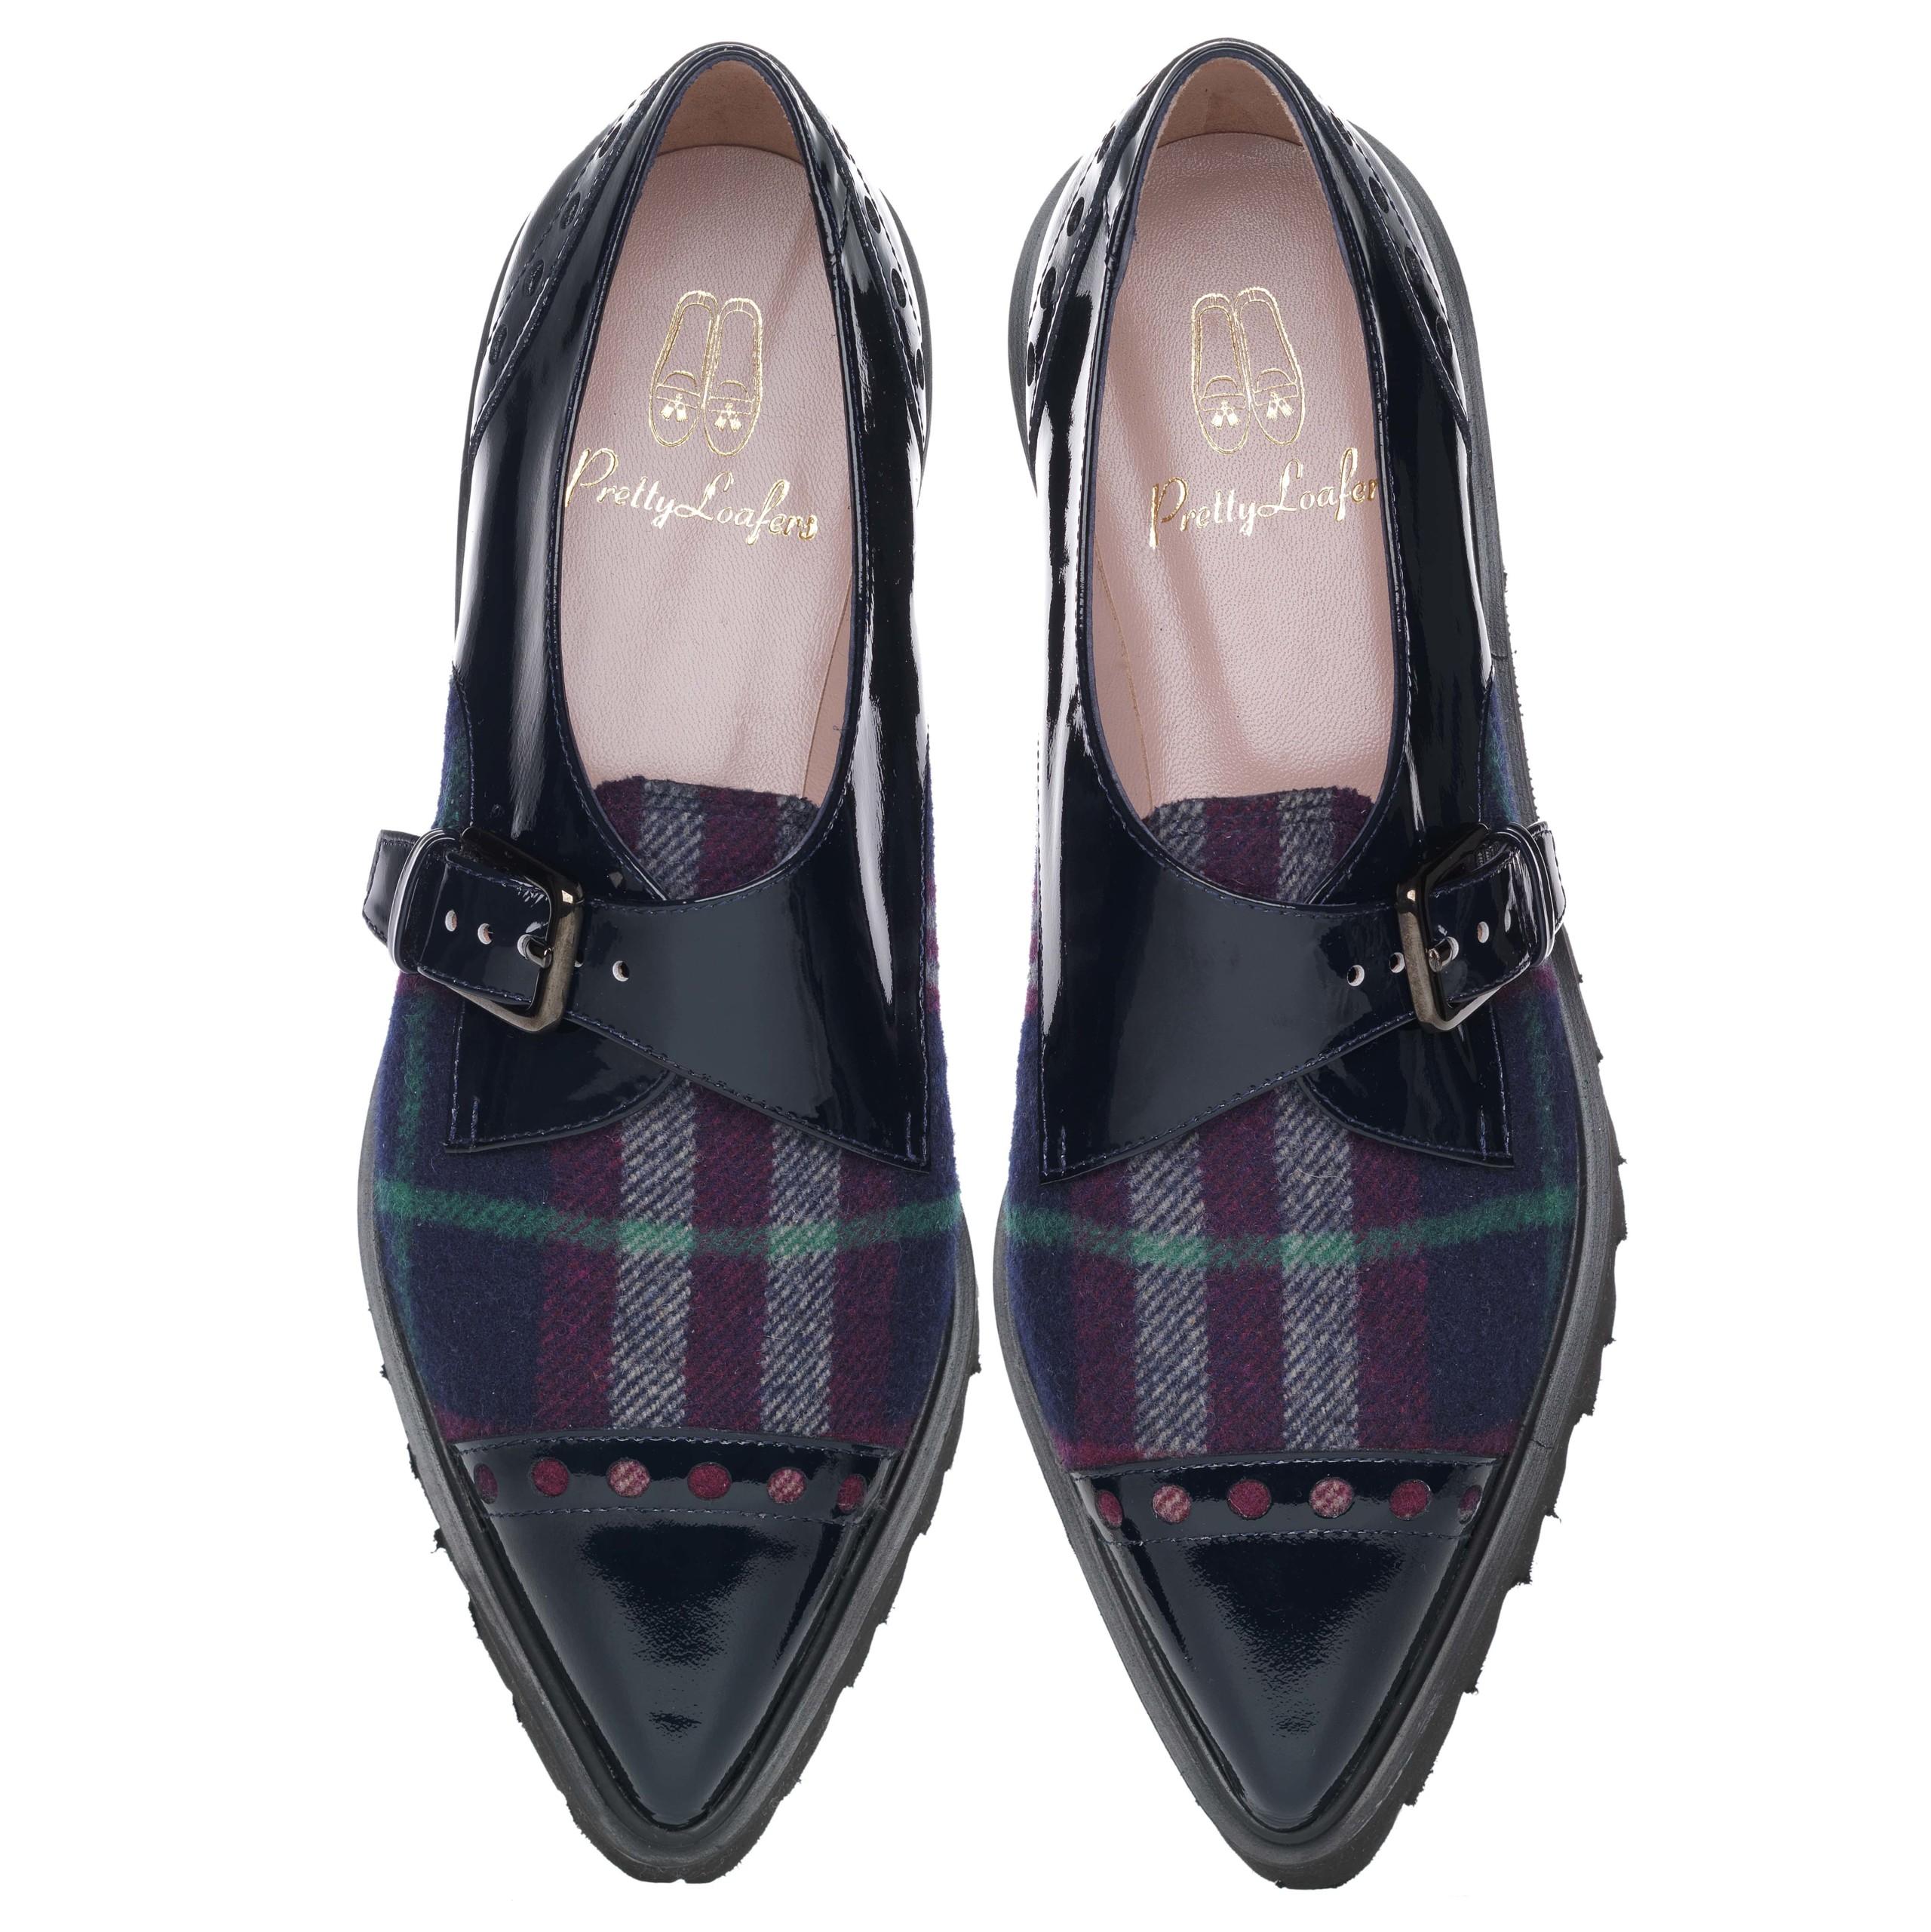 Foto de Pretty Loafers, las slippers necesarias para las incondicionales del calzado plano (16/20)